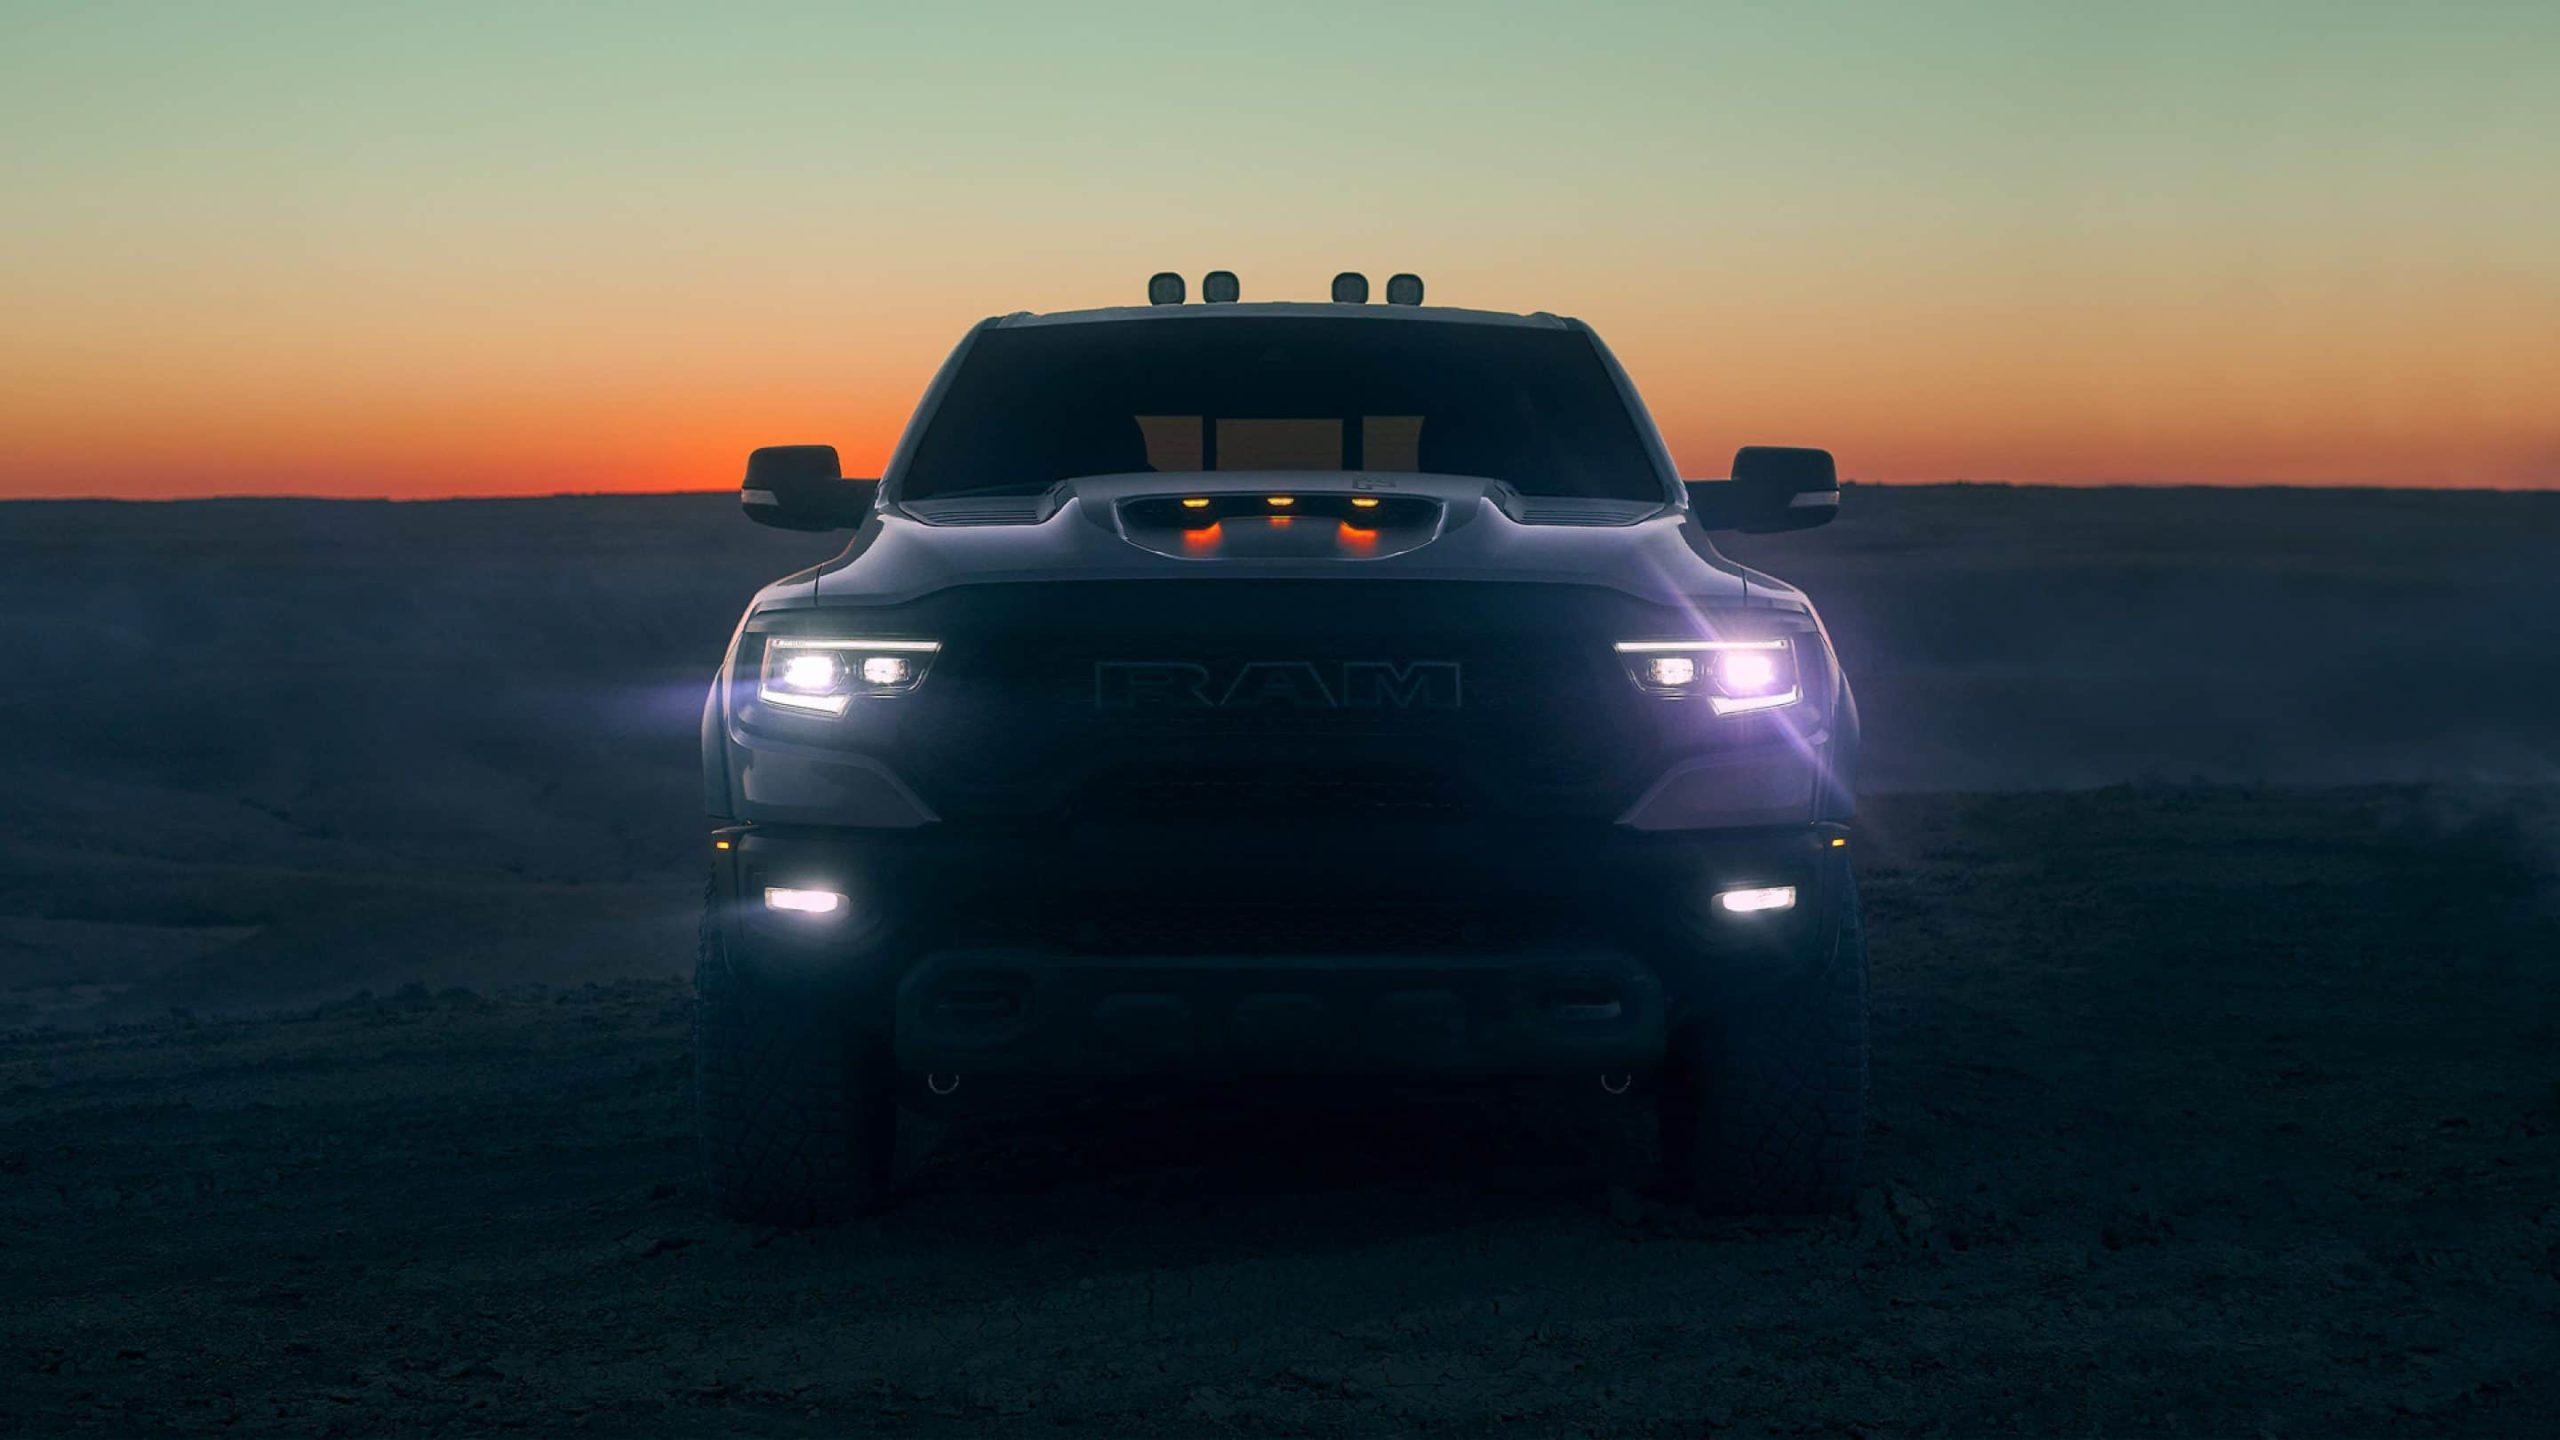 Stellen Sie sich dem leistungsstärksten straßenzulässigen Truck mit einer halben Tonne, der jemals produziert wurde.. aecramtrucks.com/trx, AEC RAM 1500